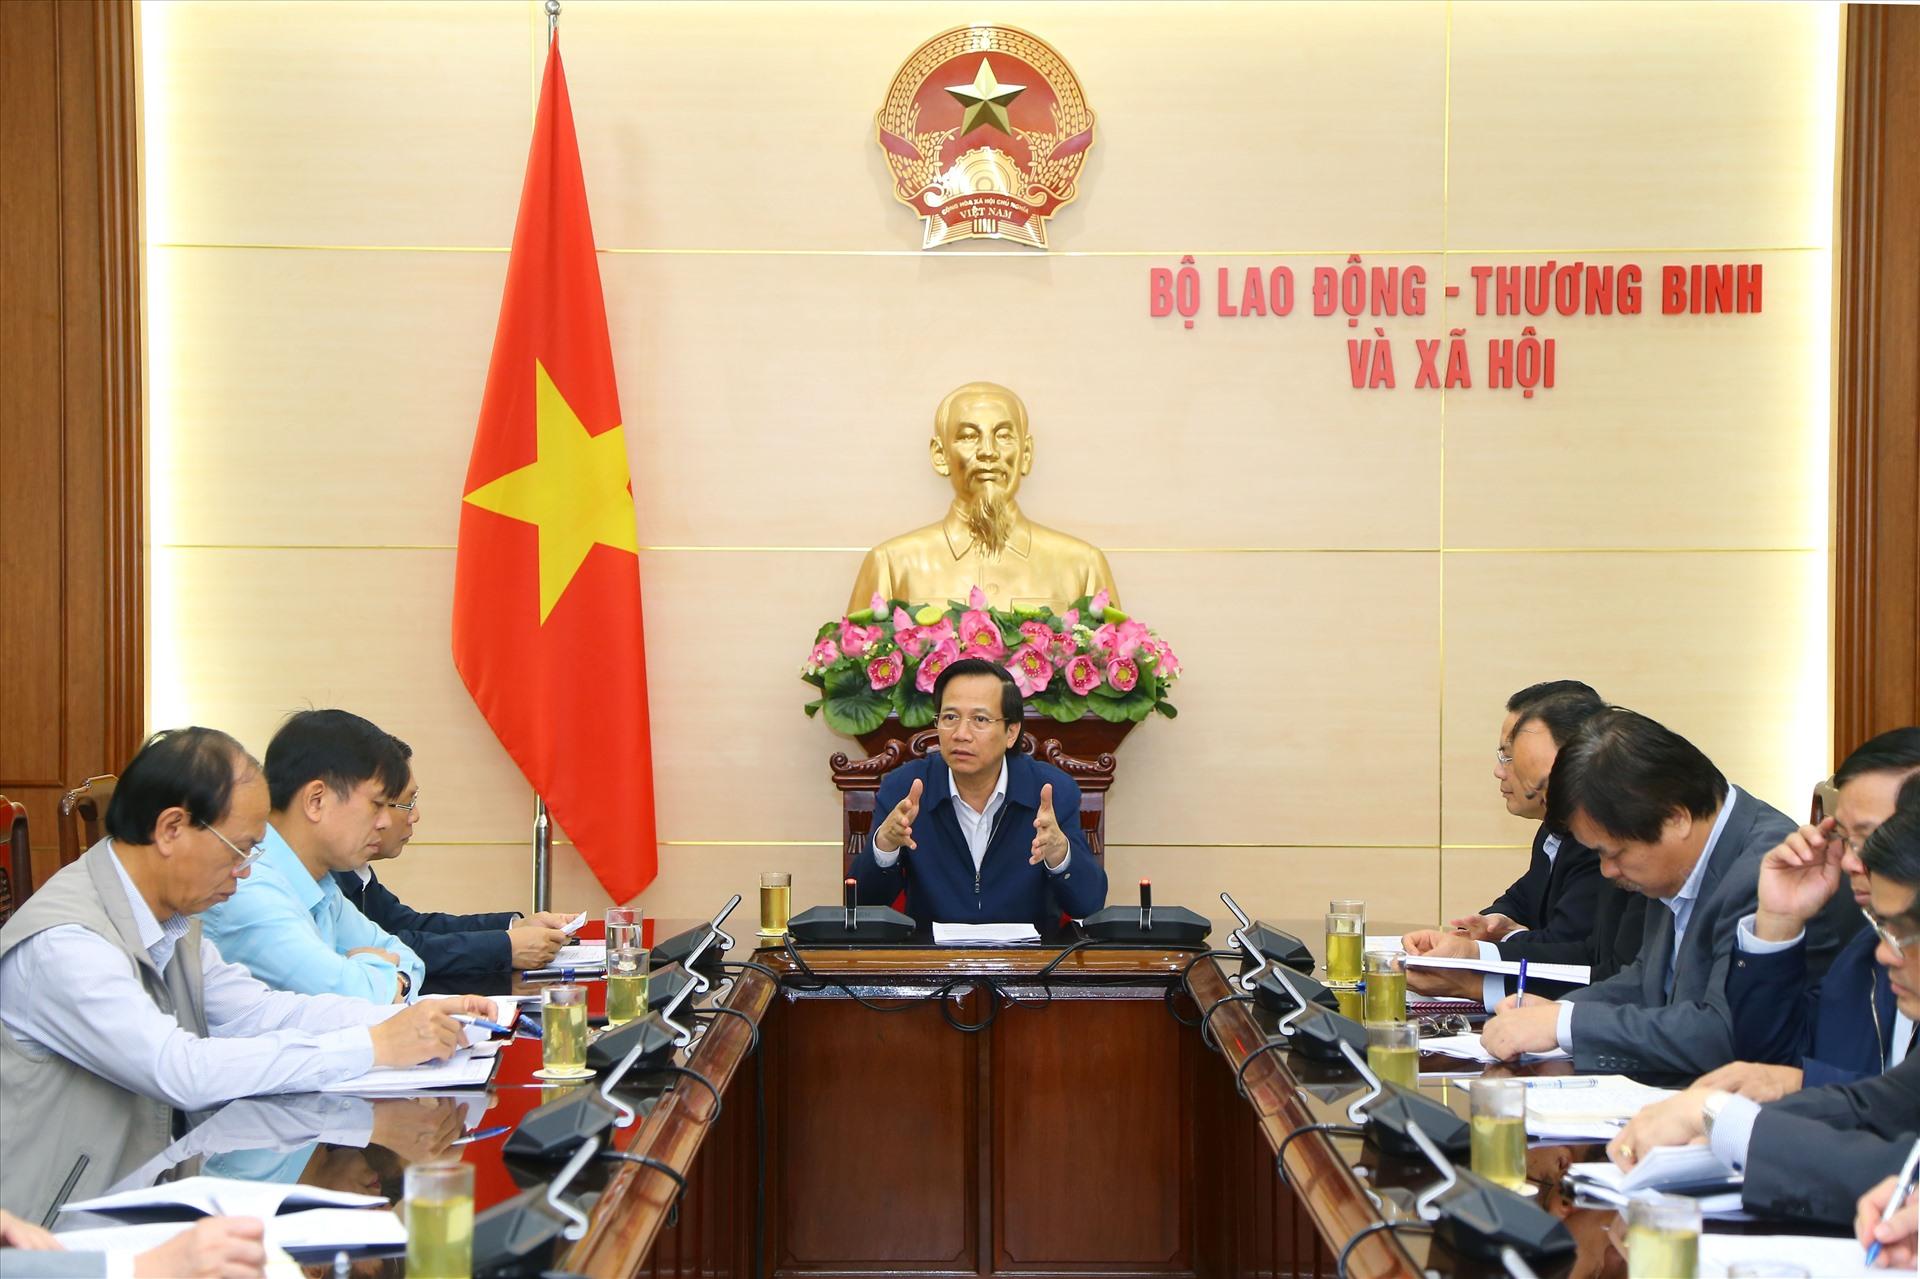 Bộ trưởng Bộ Lao động - Thương binh và Xã hội Đào Ngọc Dung chủ trì buổi làm việc với các đơn vị về phòng, chống dịch COVID-19.